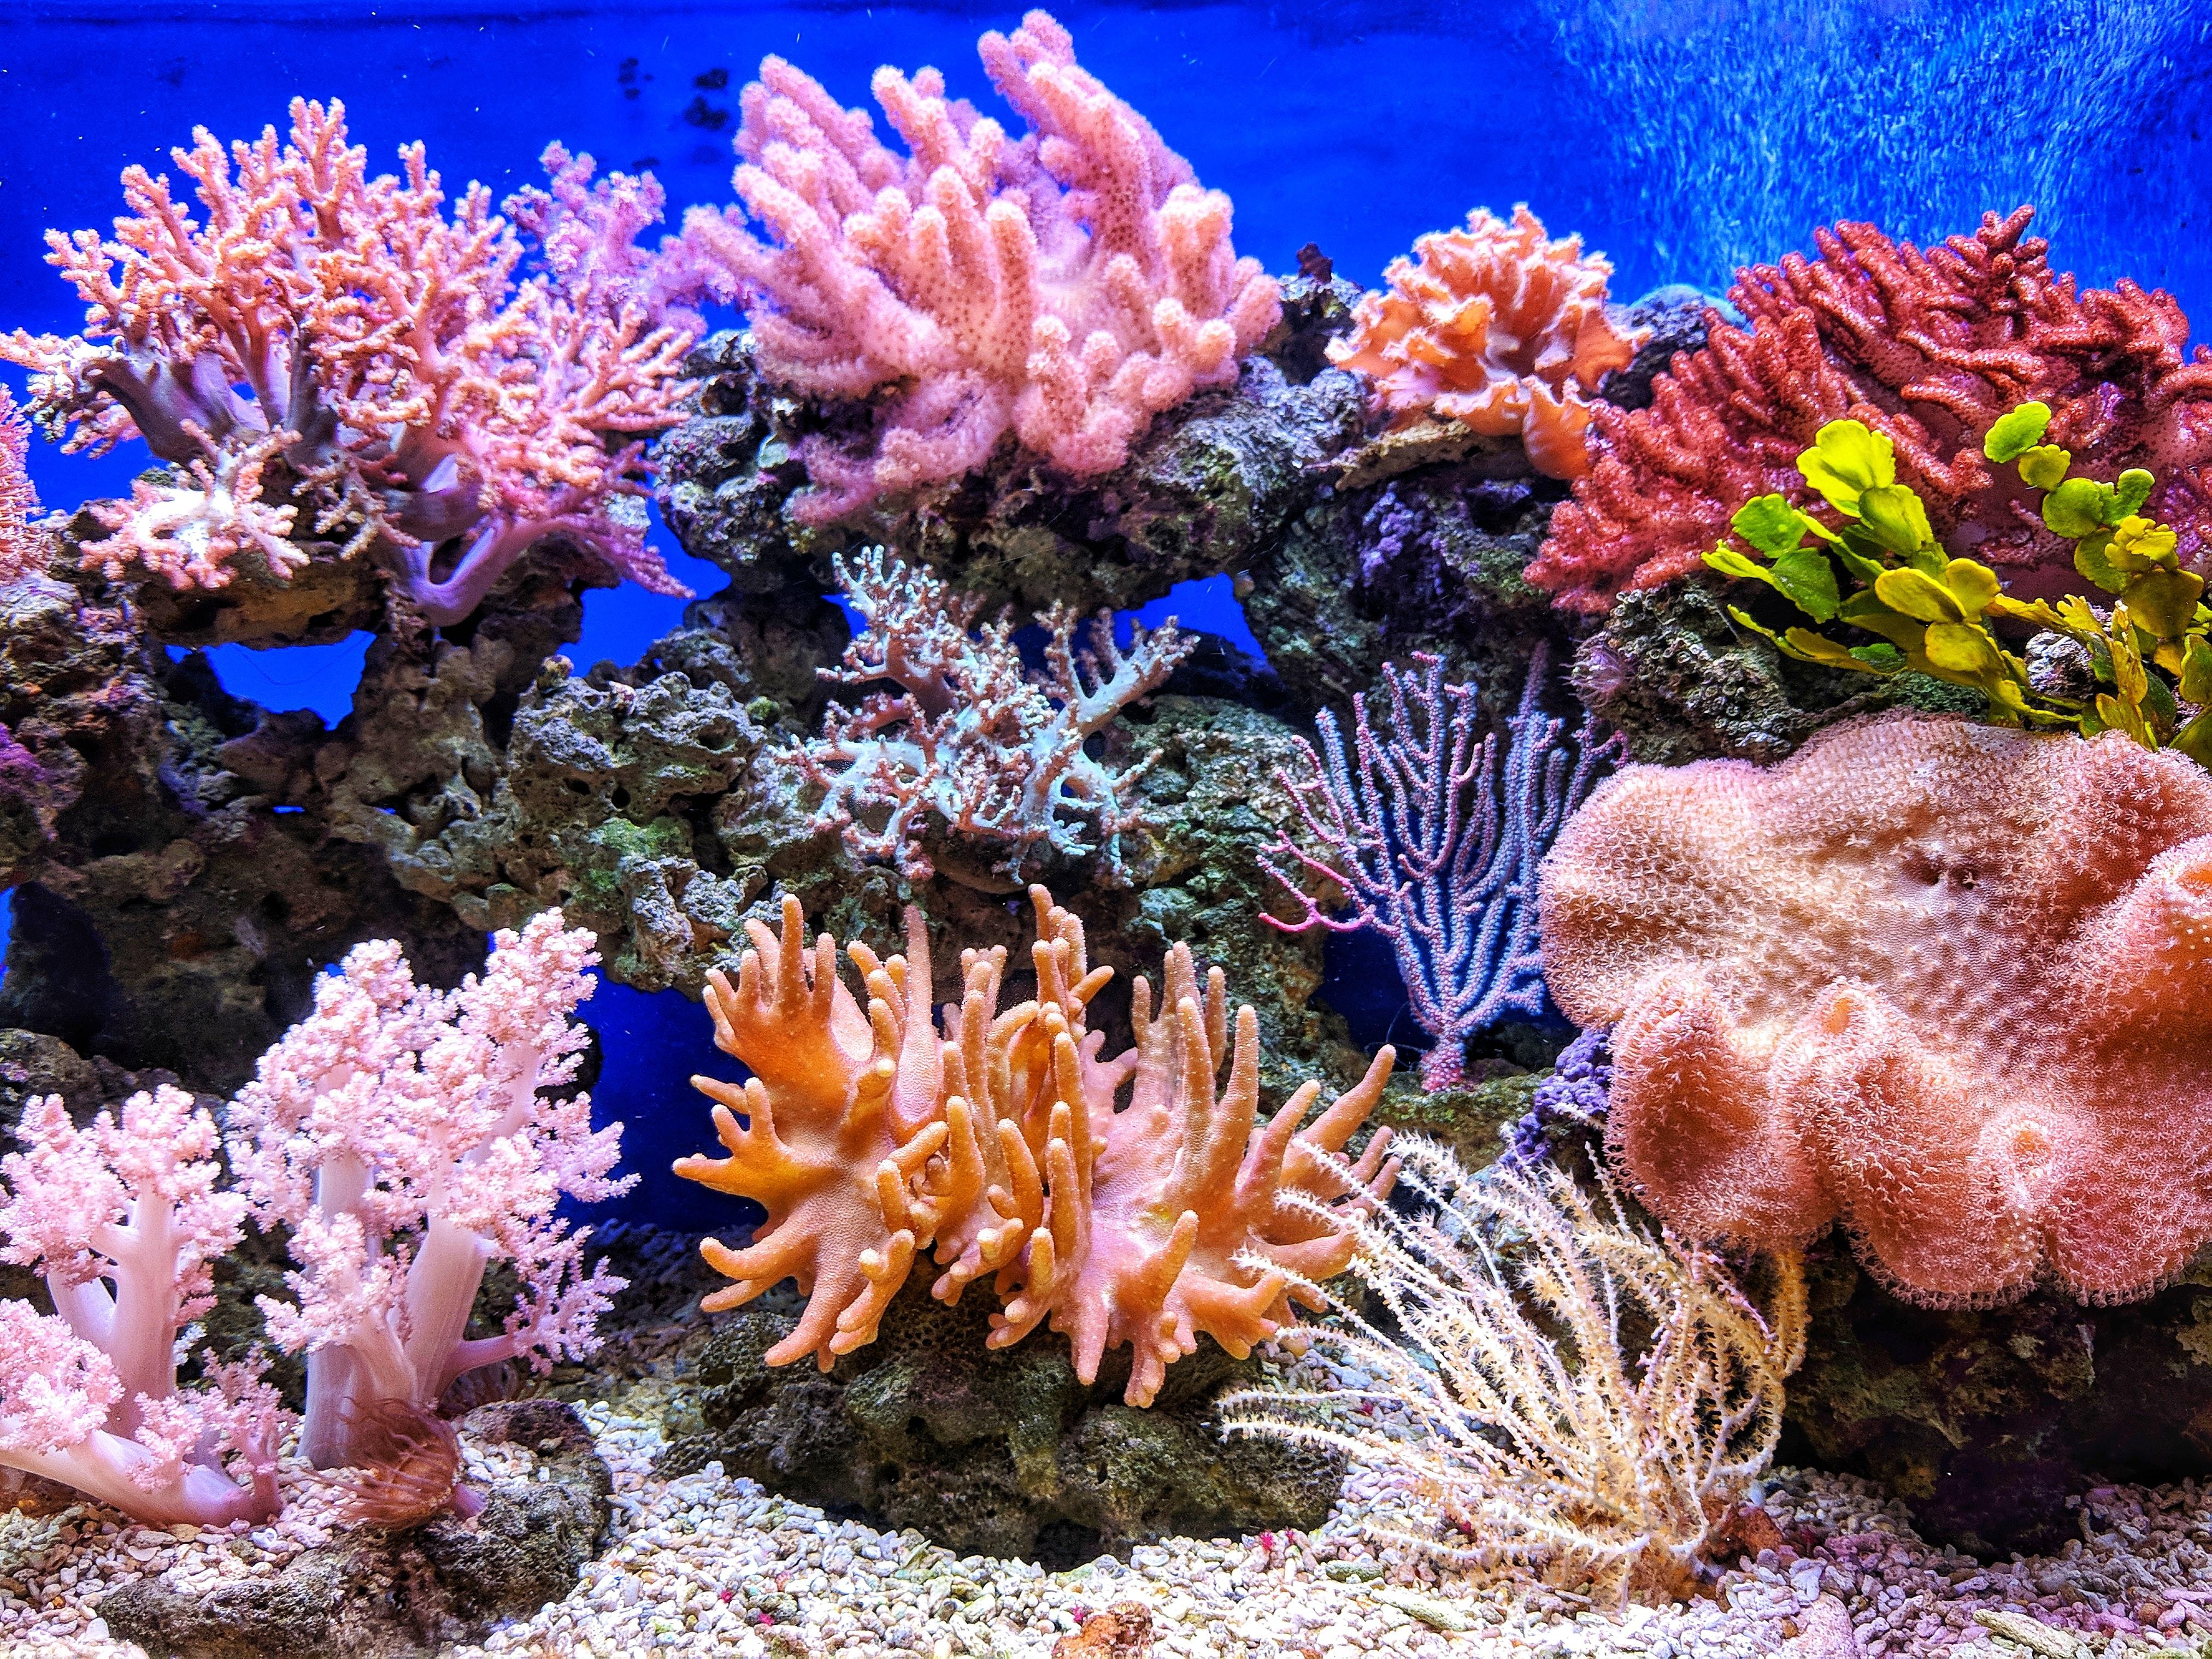 Free download 900 Aquarium Background Images Download HD ...  Printable Aquarium Background